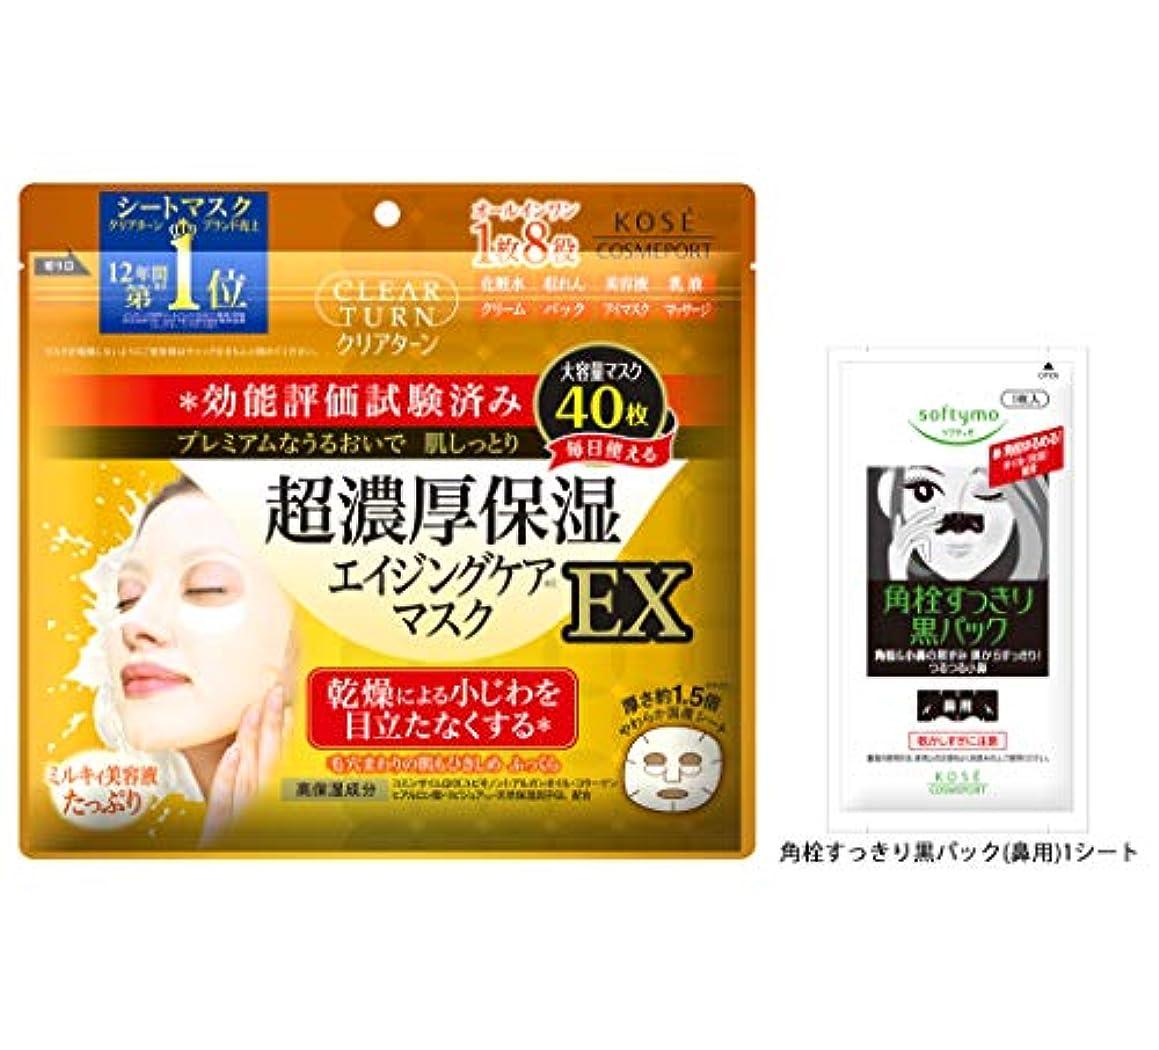 エージェント夏【Amazon.co.jp限定】 クリアターン 超濃厚保湿 フェイスマスク EX 40枚入 サンプル付 フェイスパック 40枚+サンプル付